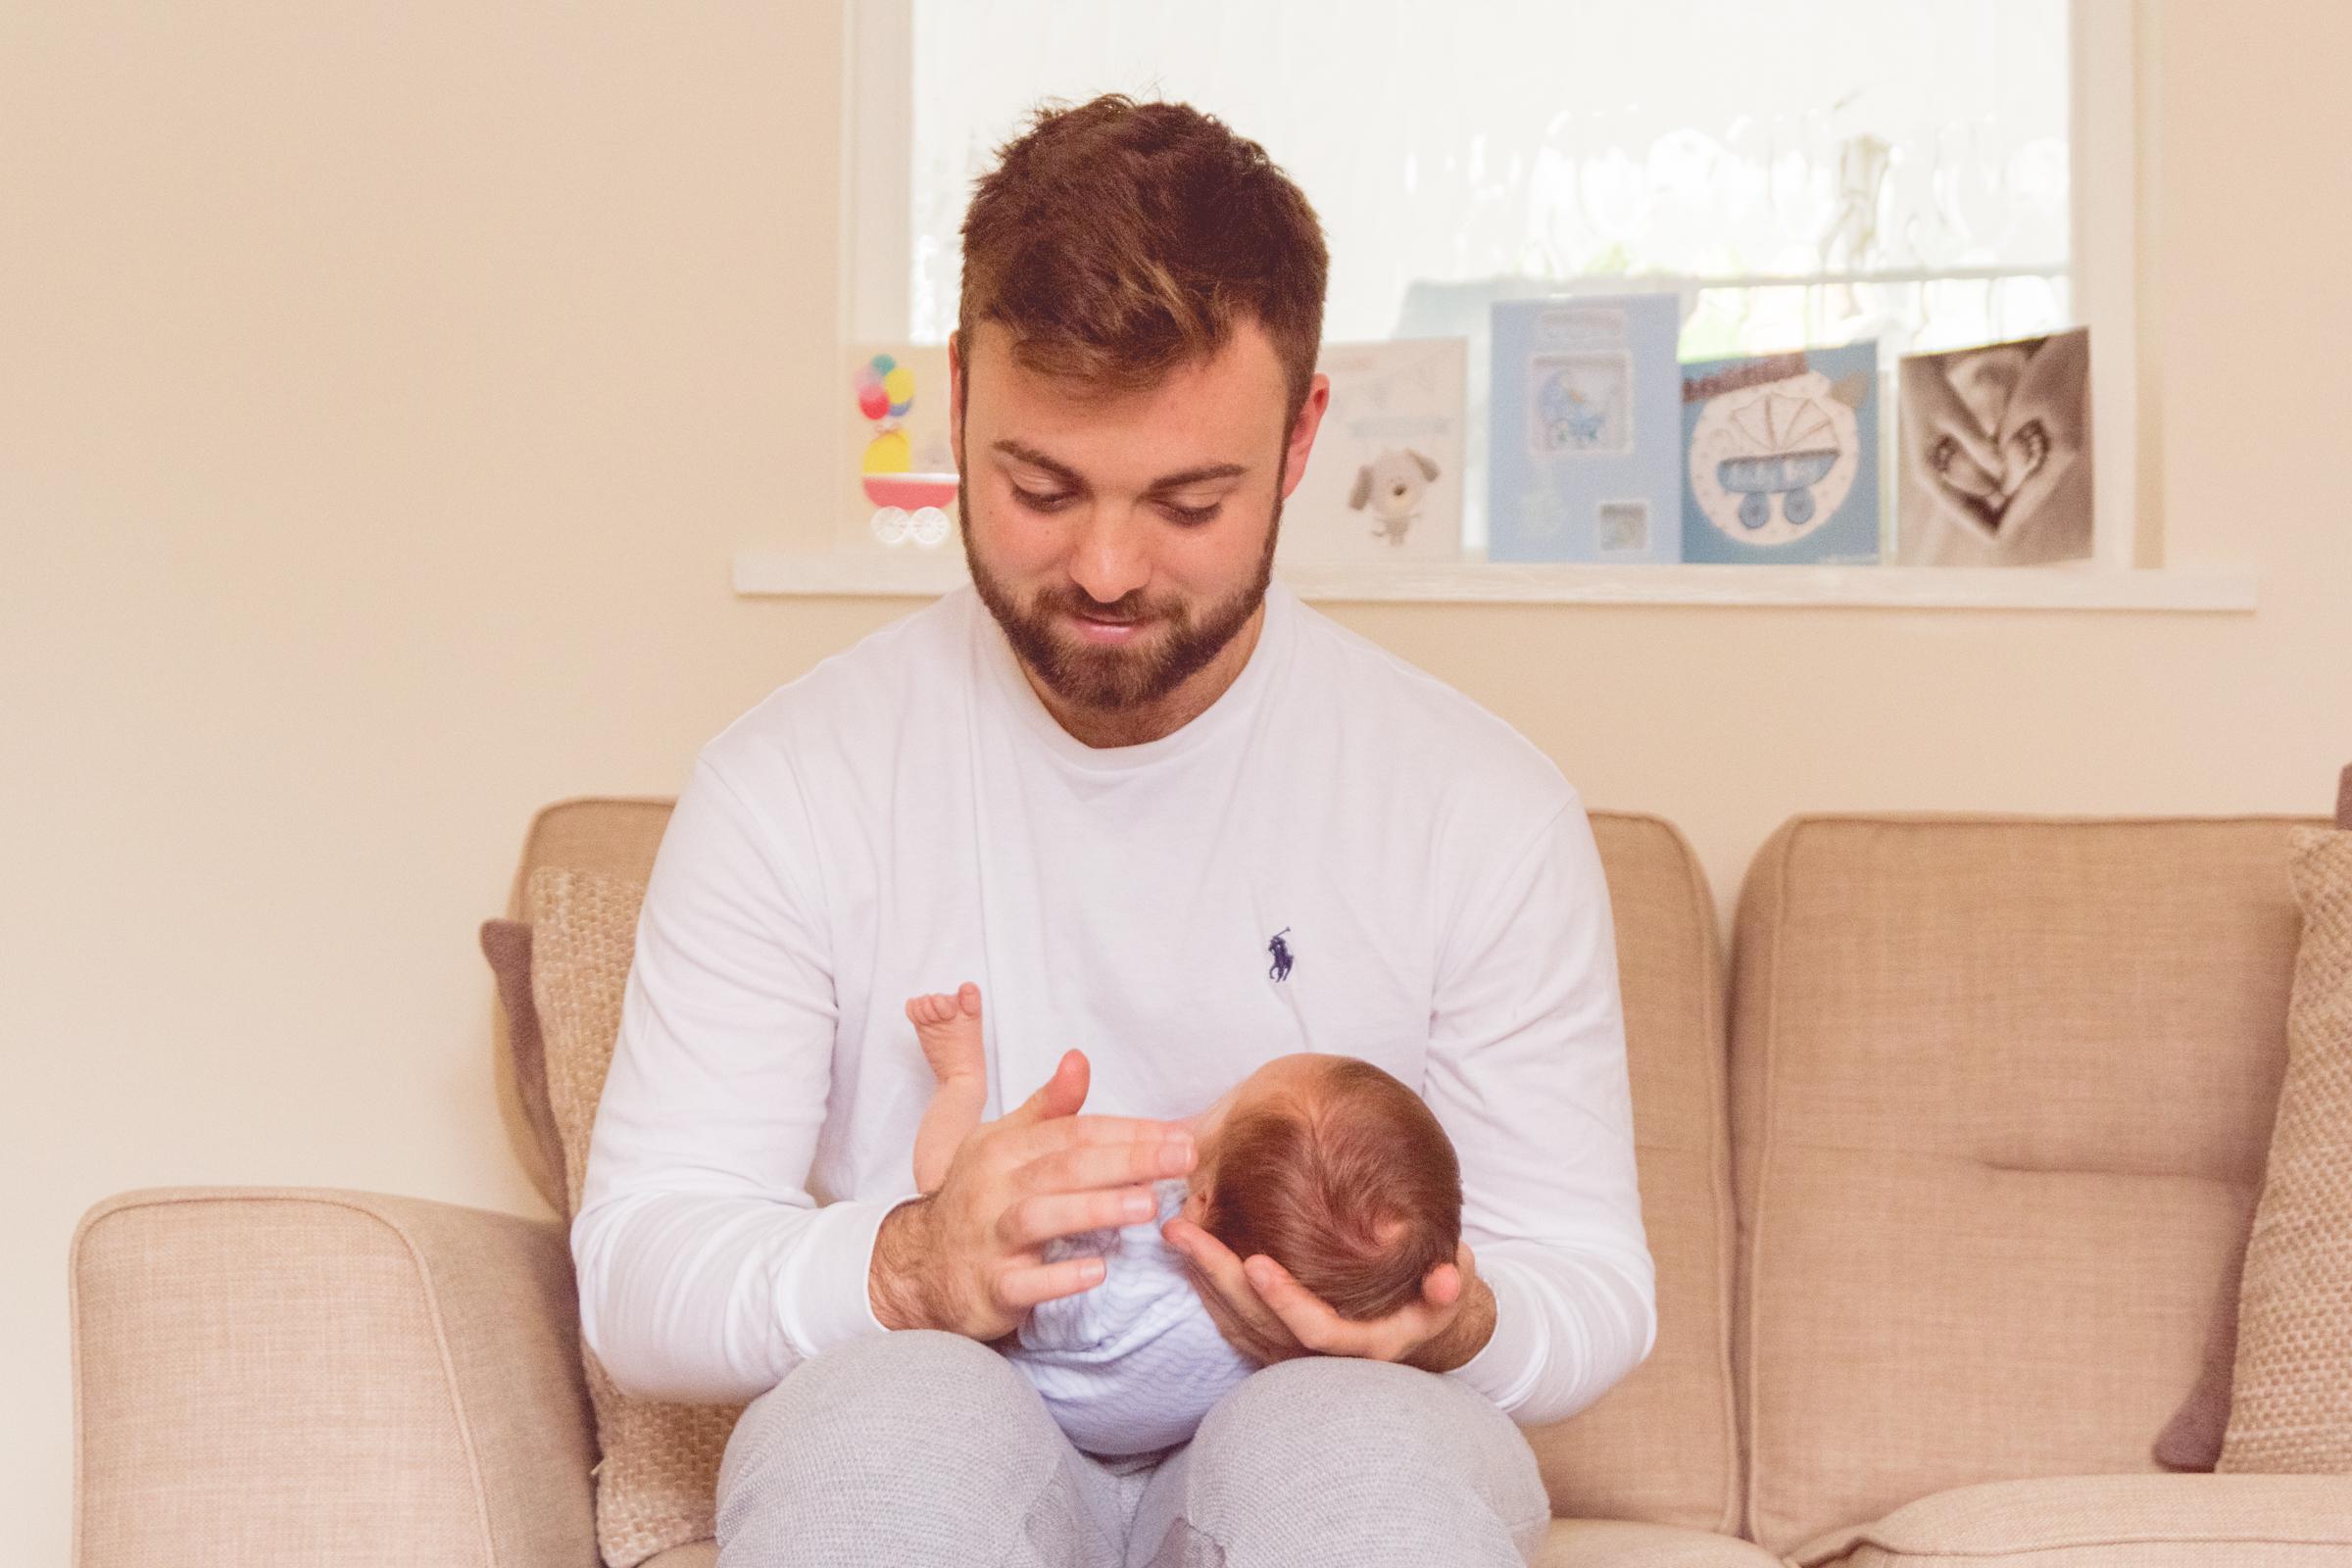 Newborn Photoshoot Photos by Ben (1).jpg